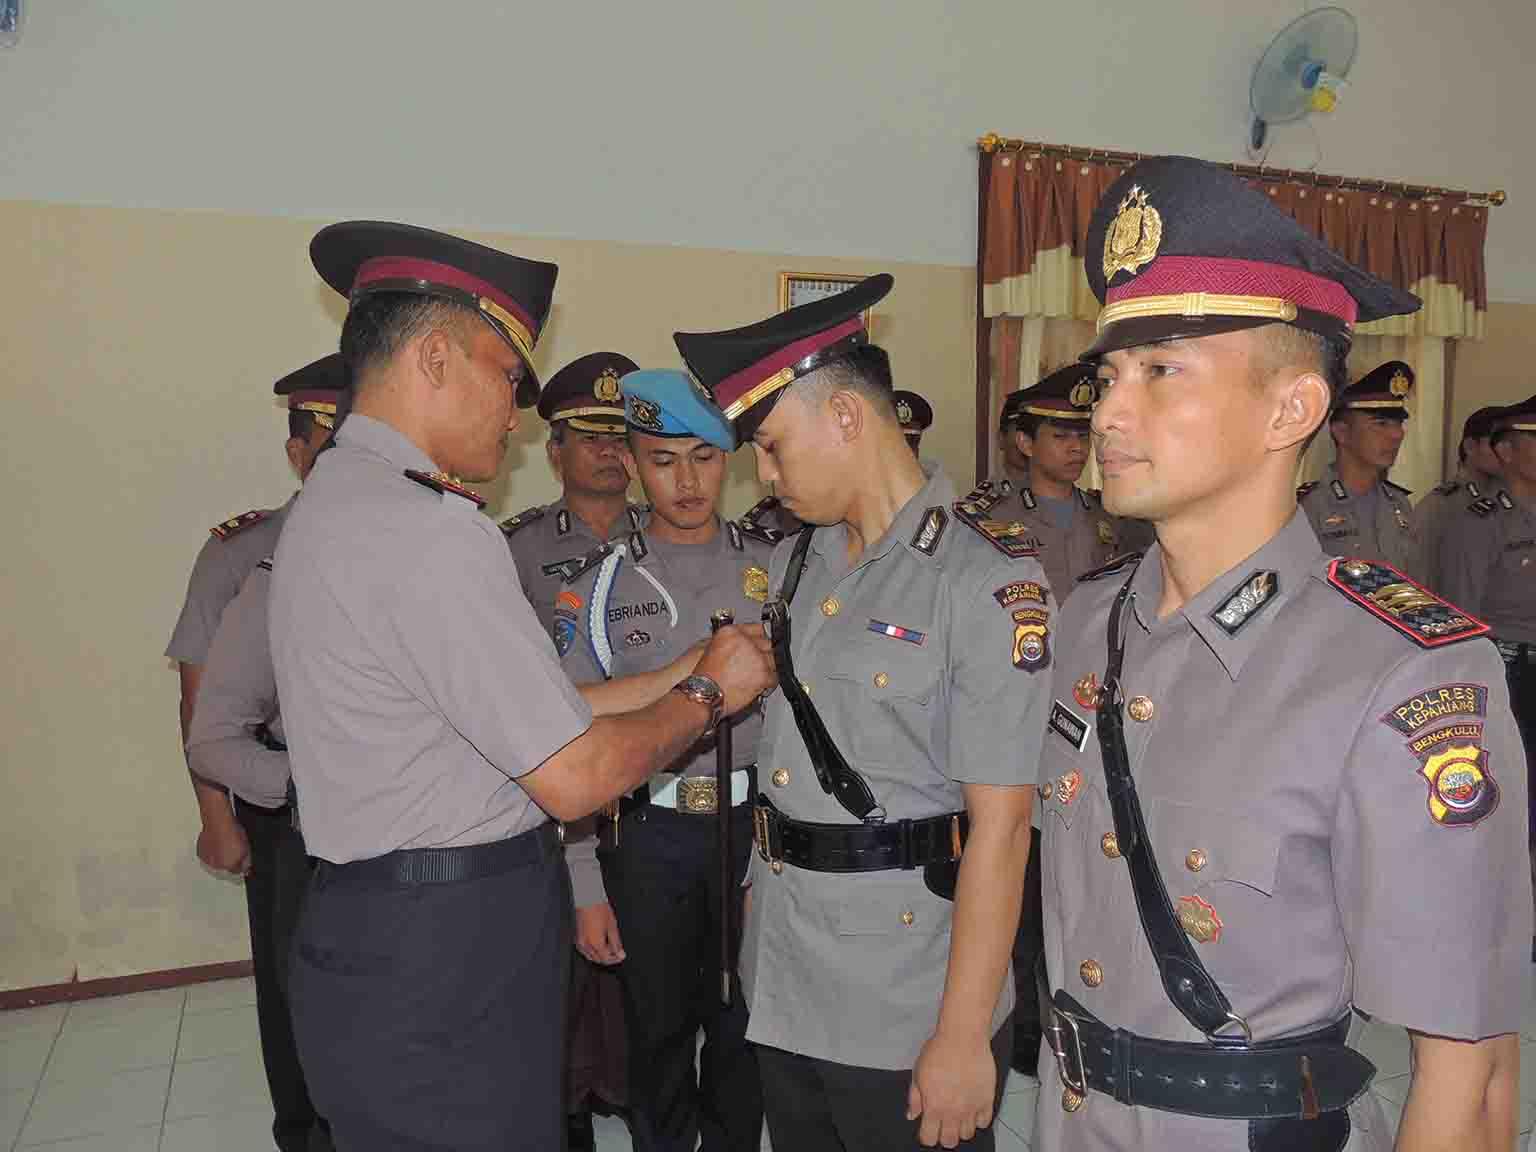 Kapolres Kepahiang Pimpin Upacara Sertijab 4 Pejabat Utama Yang Mutasi